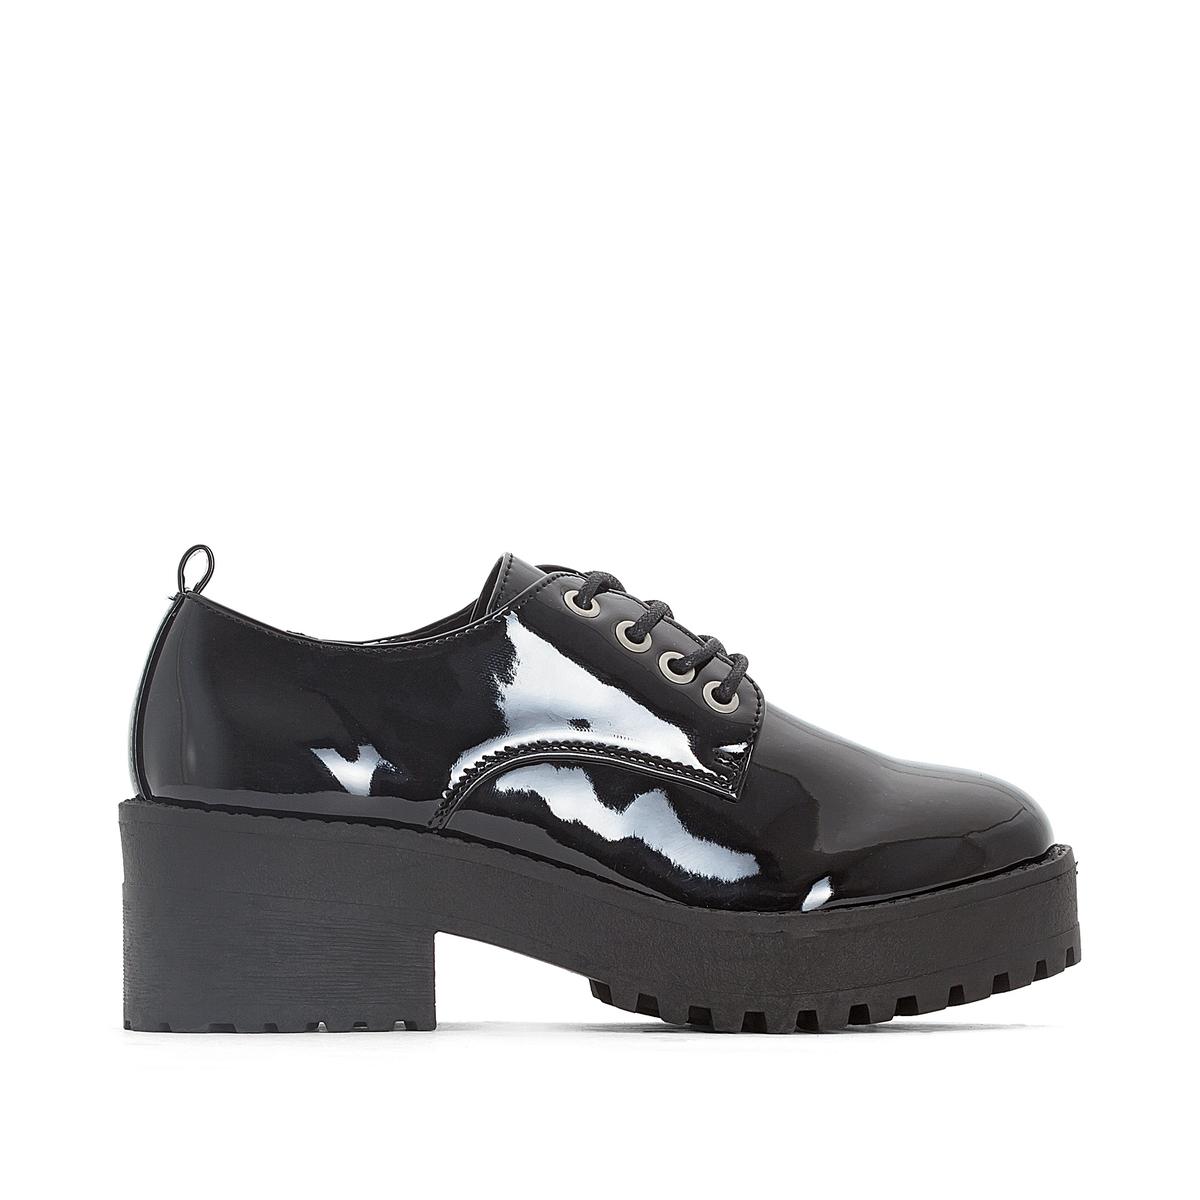 Ботинки-дерби на каблуке SukiДетали   •  Ботинки-дерби •  Высота каблука : 6 см. •  Застежка : шнуровка. •  Круглый мысок •  ЛакированныеСостав и уход   •  Верх 100% синтетический материал •  Подкладка 100% синтетический материал •  Стелька 100% синтетический материал •  Подошва 100% каучук<br><br>Цвет: черный